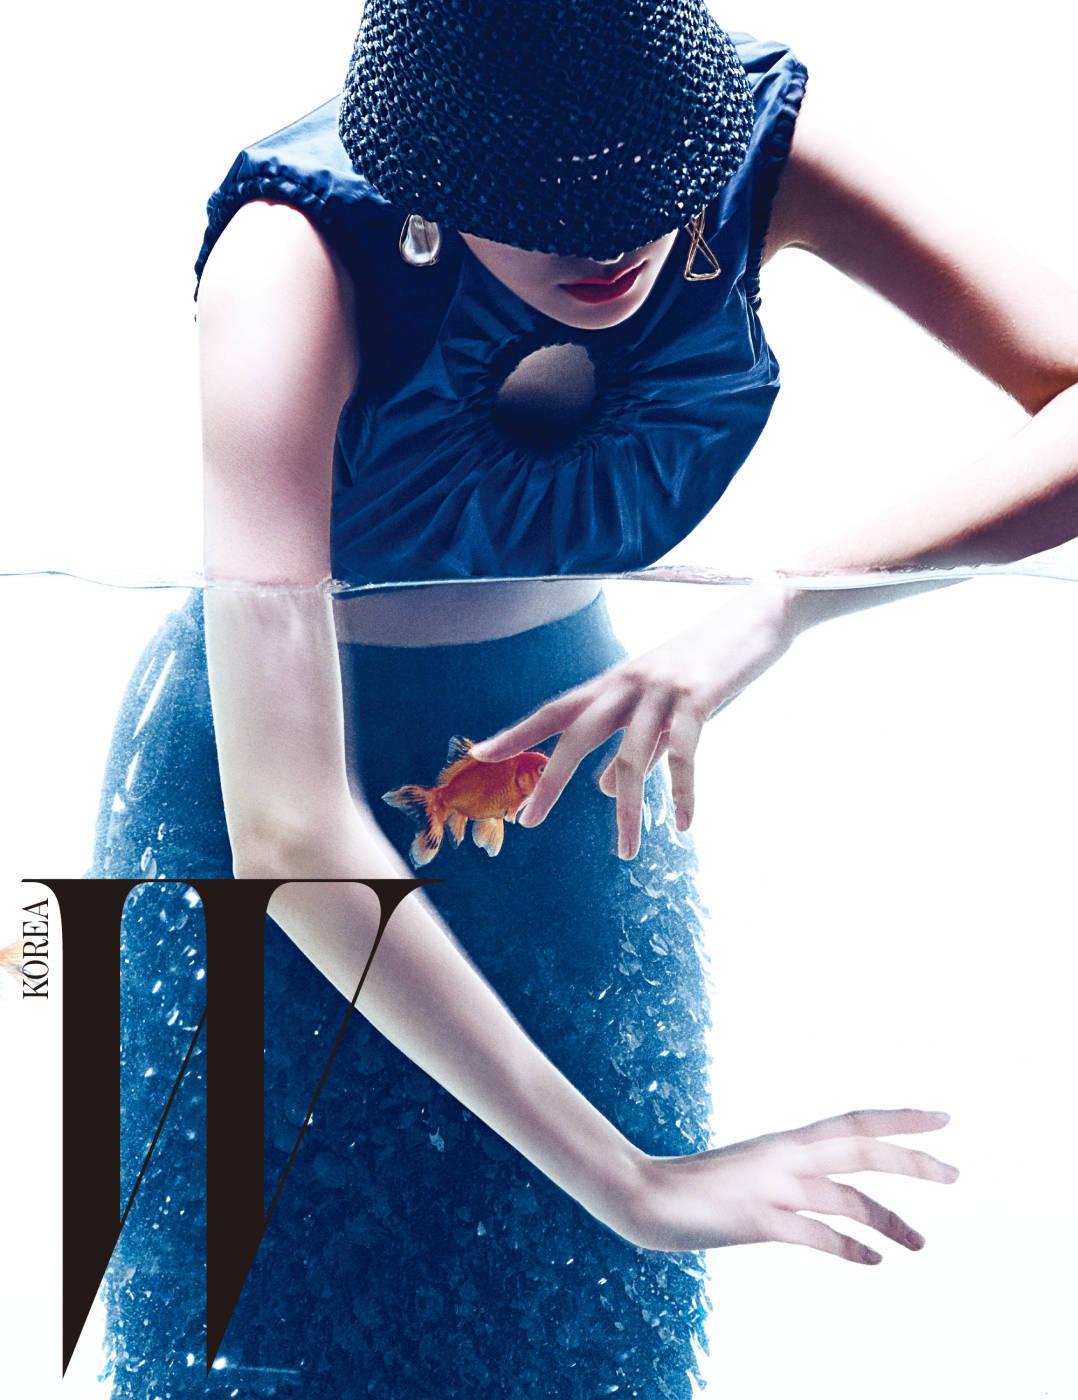 컷아웃 장식과 주름이 가미된 파란색 톱, 물고기 비늘이 연상되는 검은색 펜슬 스커트, 검은색 라피아 소재 모자, 바로크 진주와 물고기 모양 귀고리는 모두 Sportmax 제품.